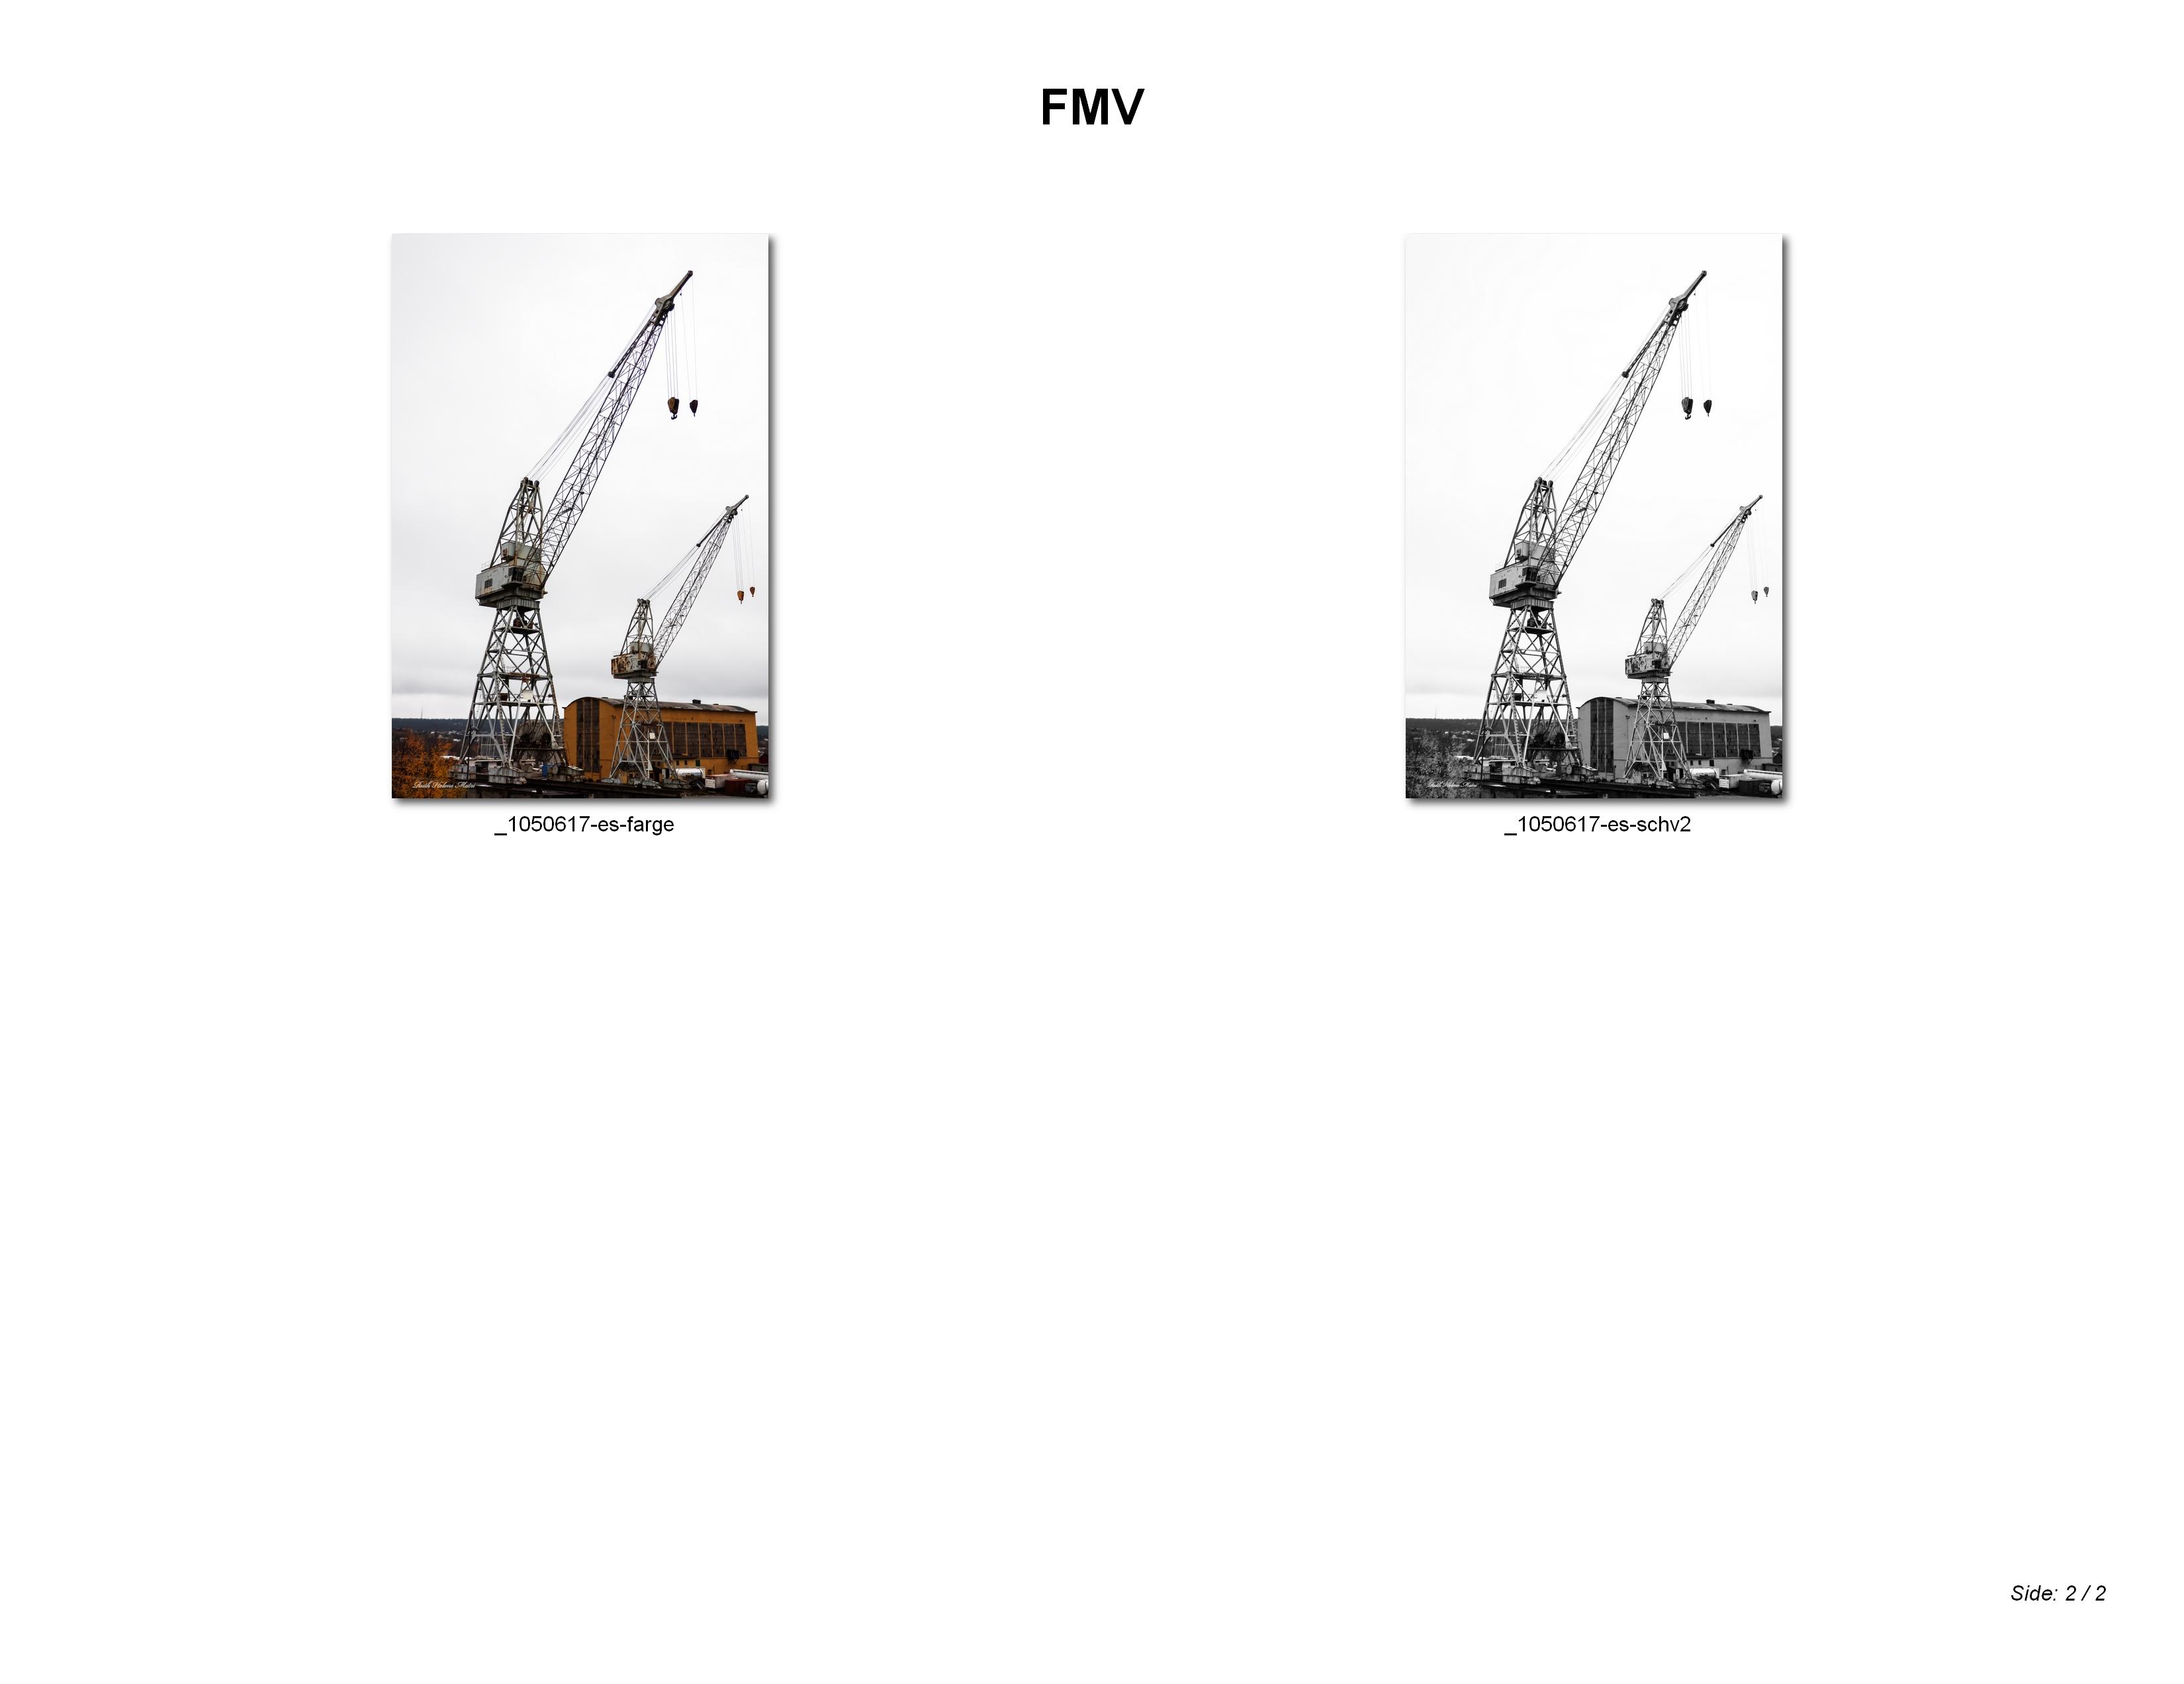 FMV_002